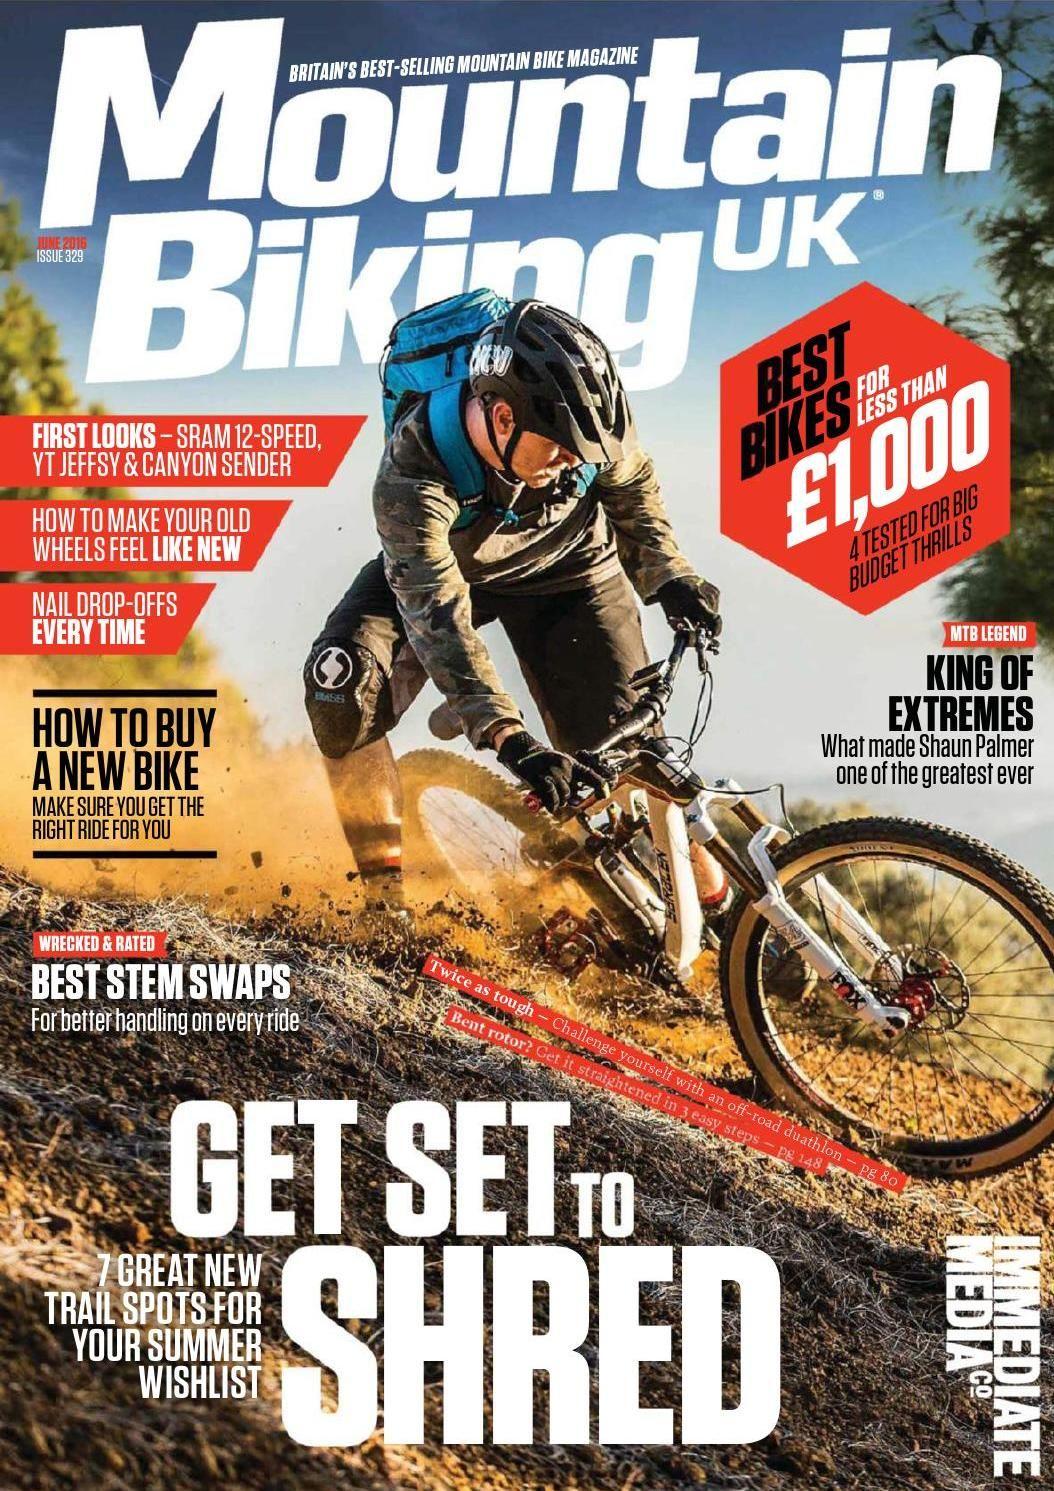 17sdcsdsdc Magazine Design Mountain Bike Magazine Cover